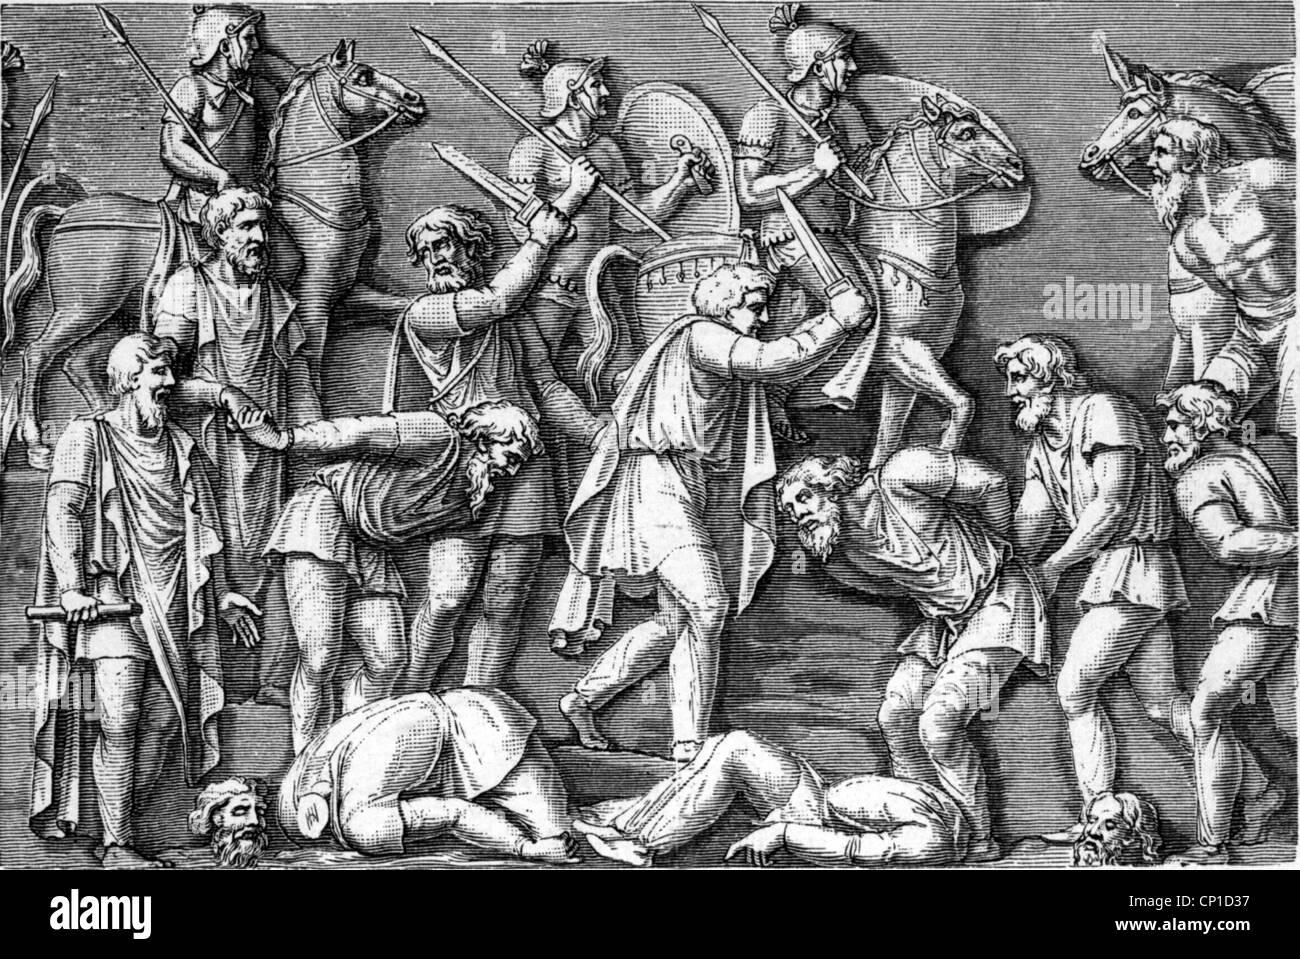 Eventi, Marcomannic Wars 166 - 180, il Re dei Quadi guardando le esecuzioni, incisione su legno, secolo XIX, dopo Immagini Stock